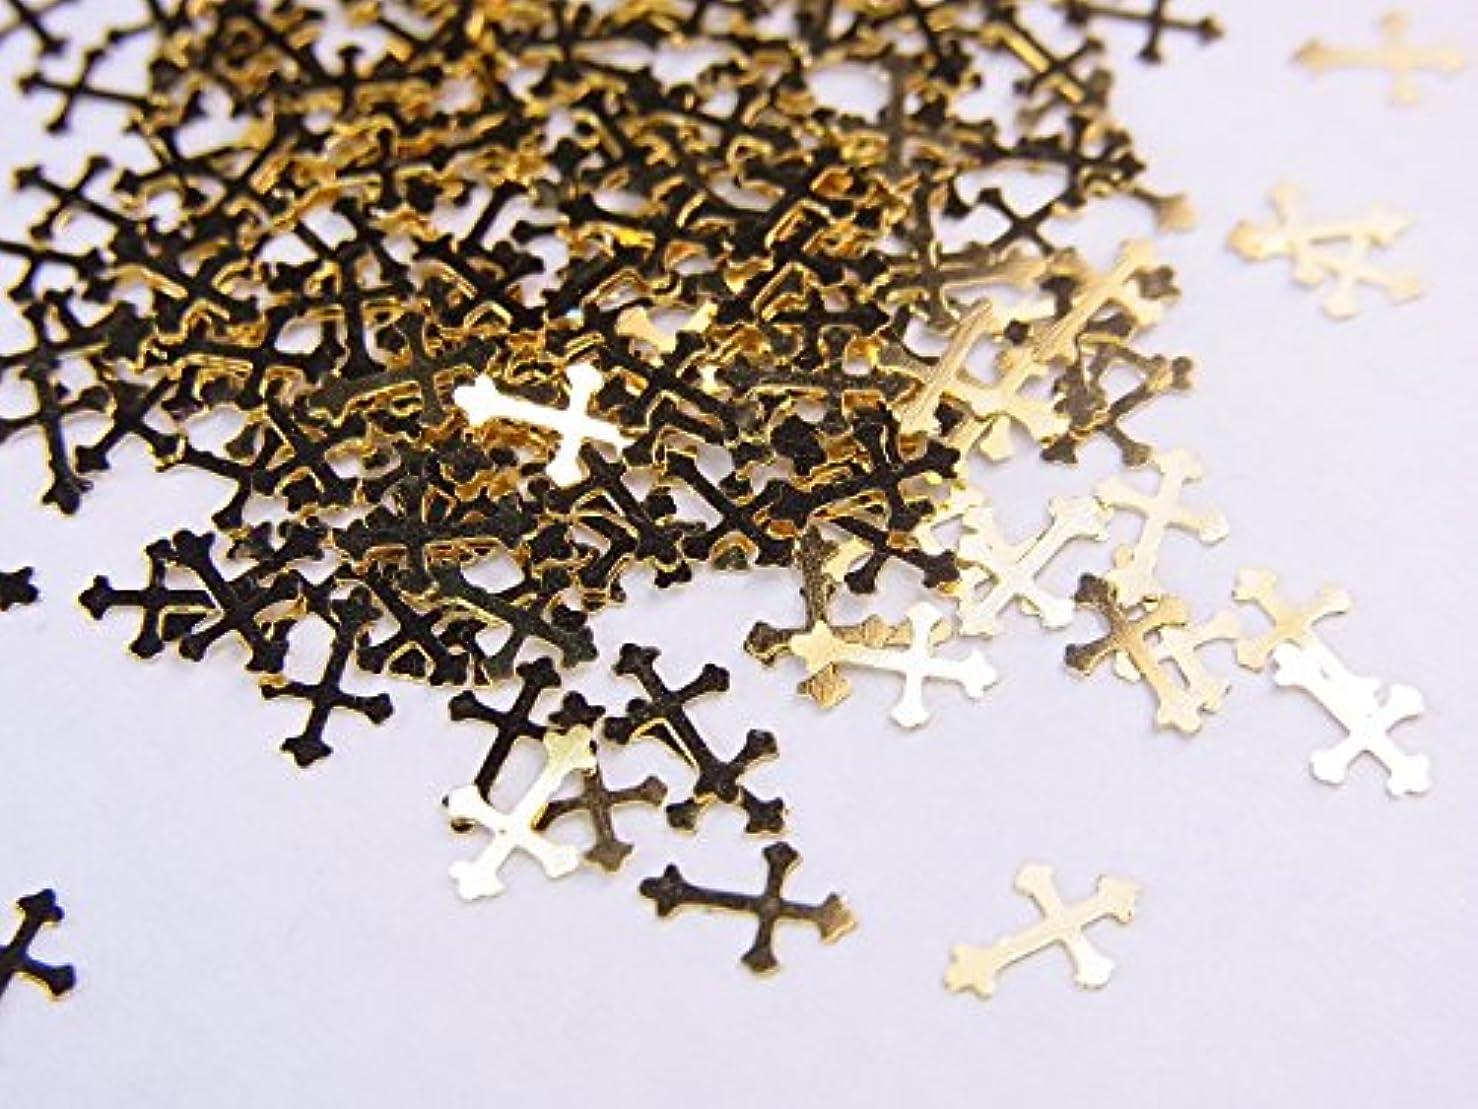 伝える子孫チェリー【jewel】薄型ネイルパーツ ゴールド クロス十字架10個